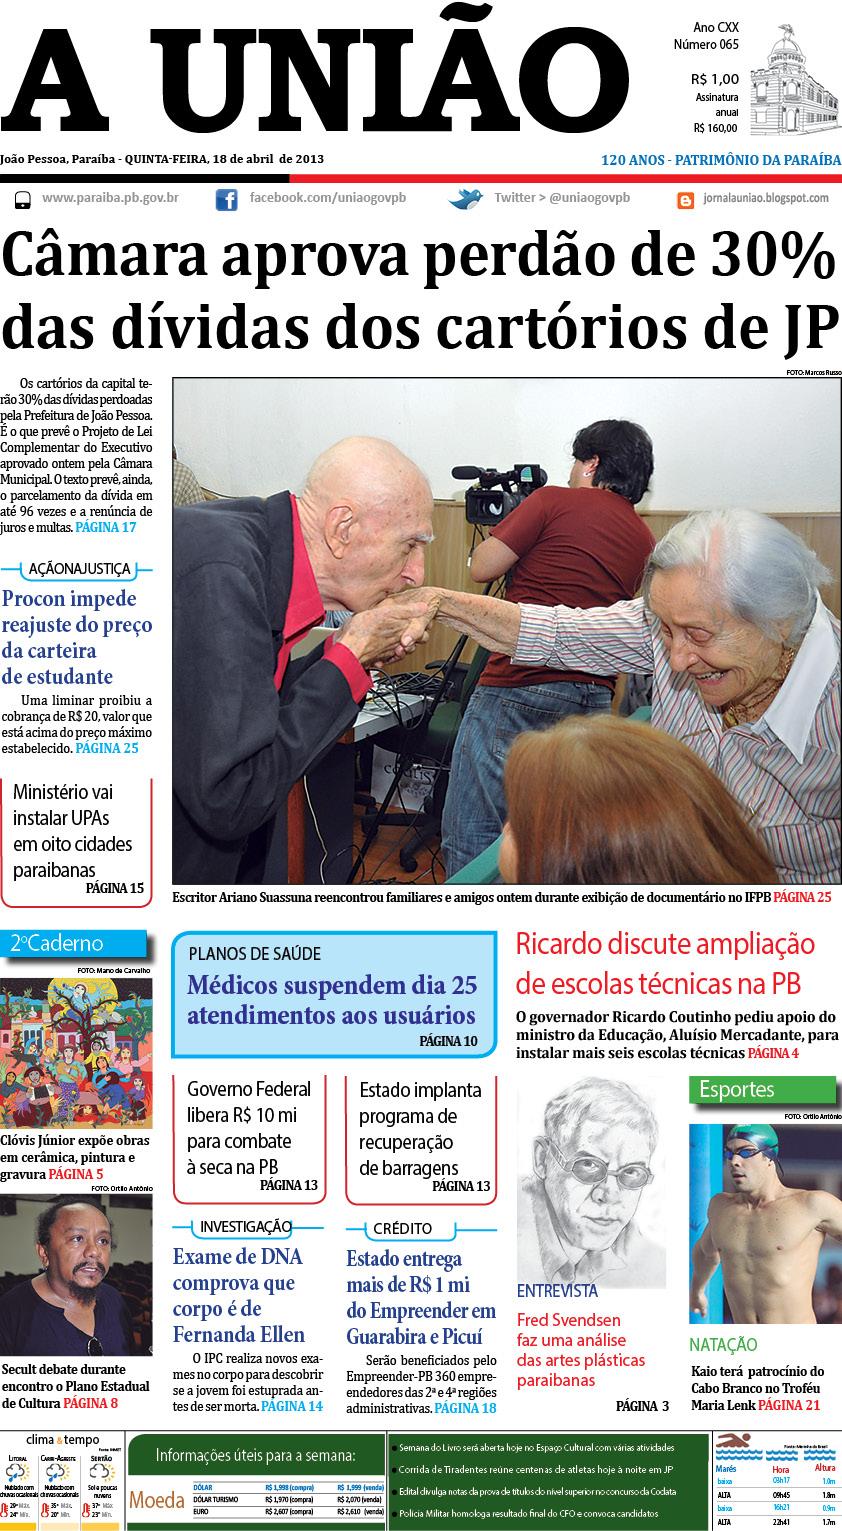 Pagina 1 - Jornal A União